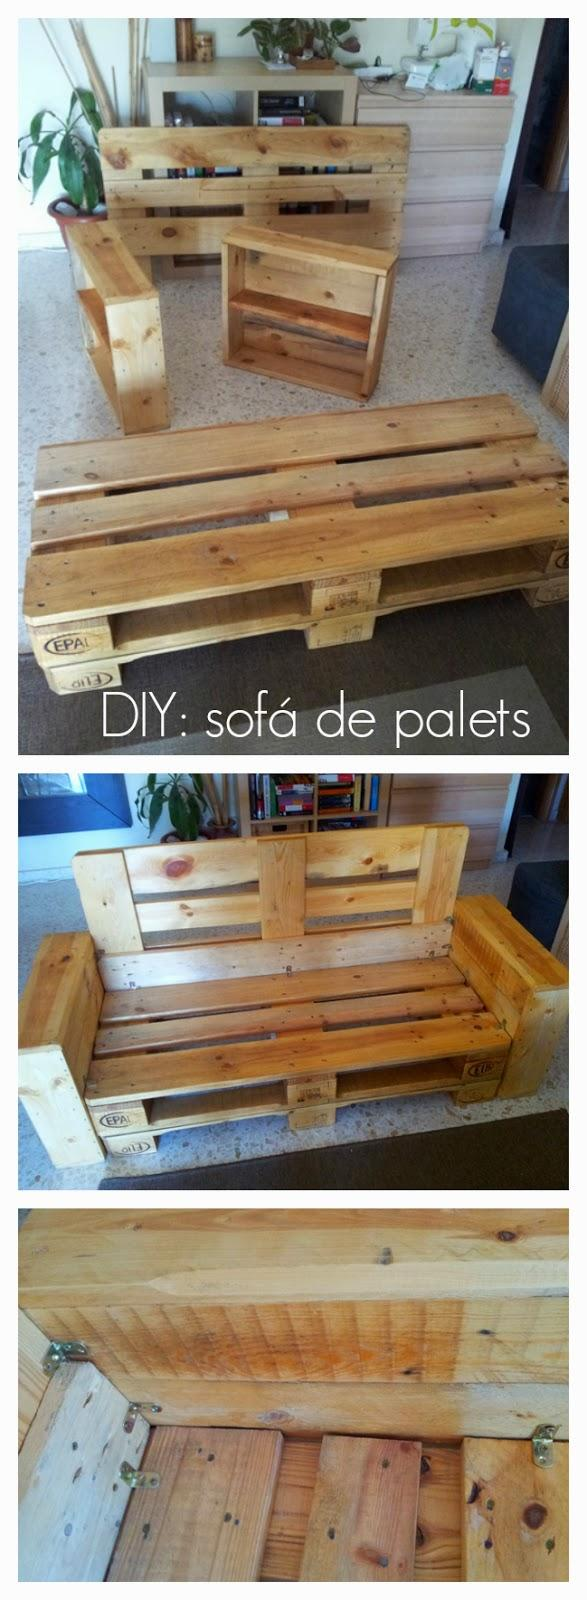 Diy c mo hacer un sof con palets paperblog for Casa de palets paso a paso